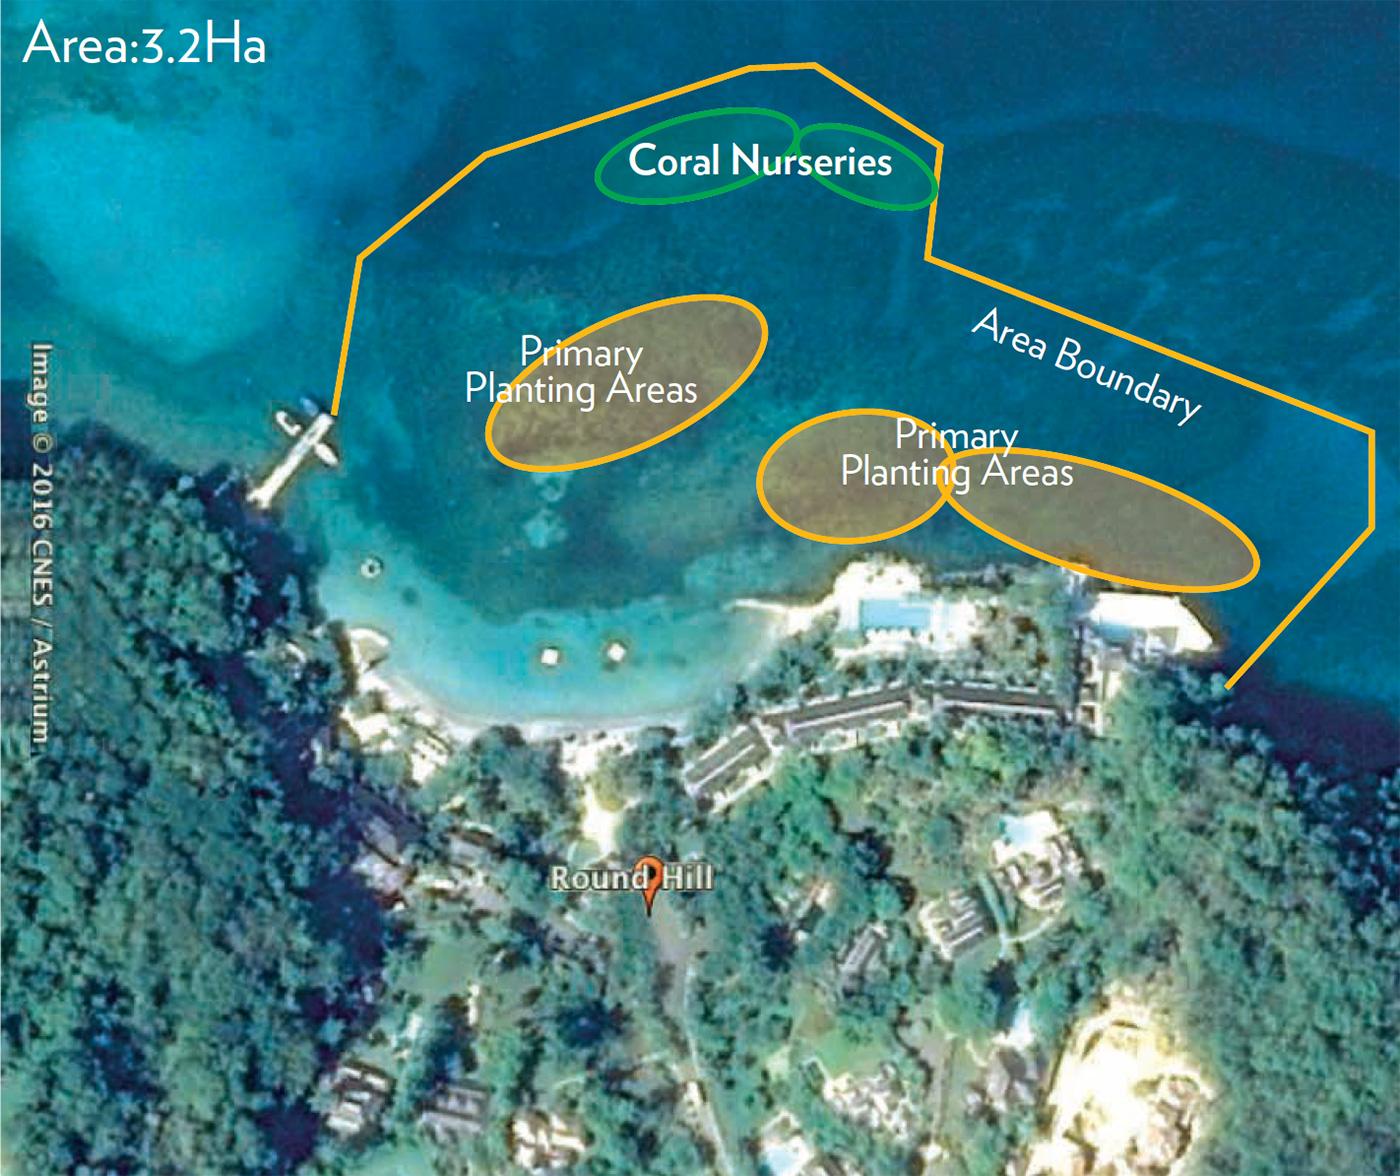 Round Hill Reef Gardens In Montego Bay Jamaica